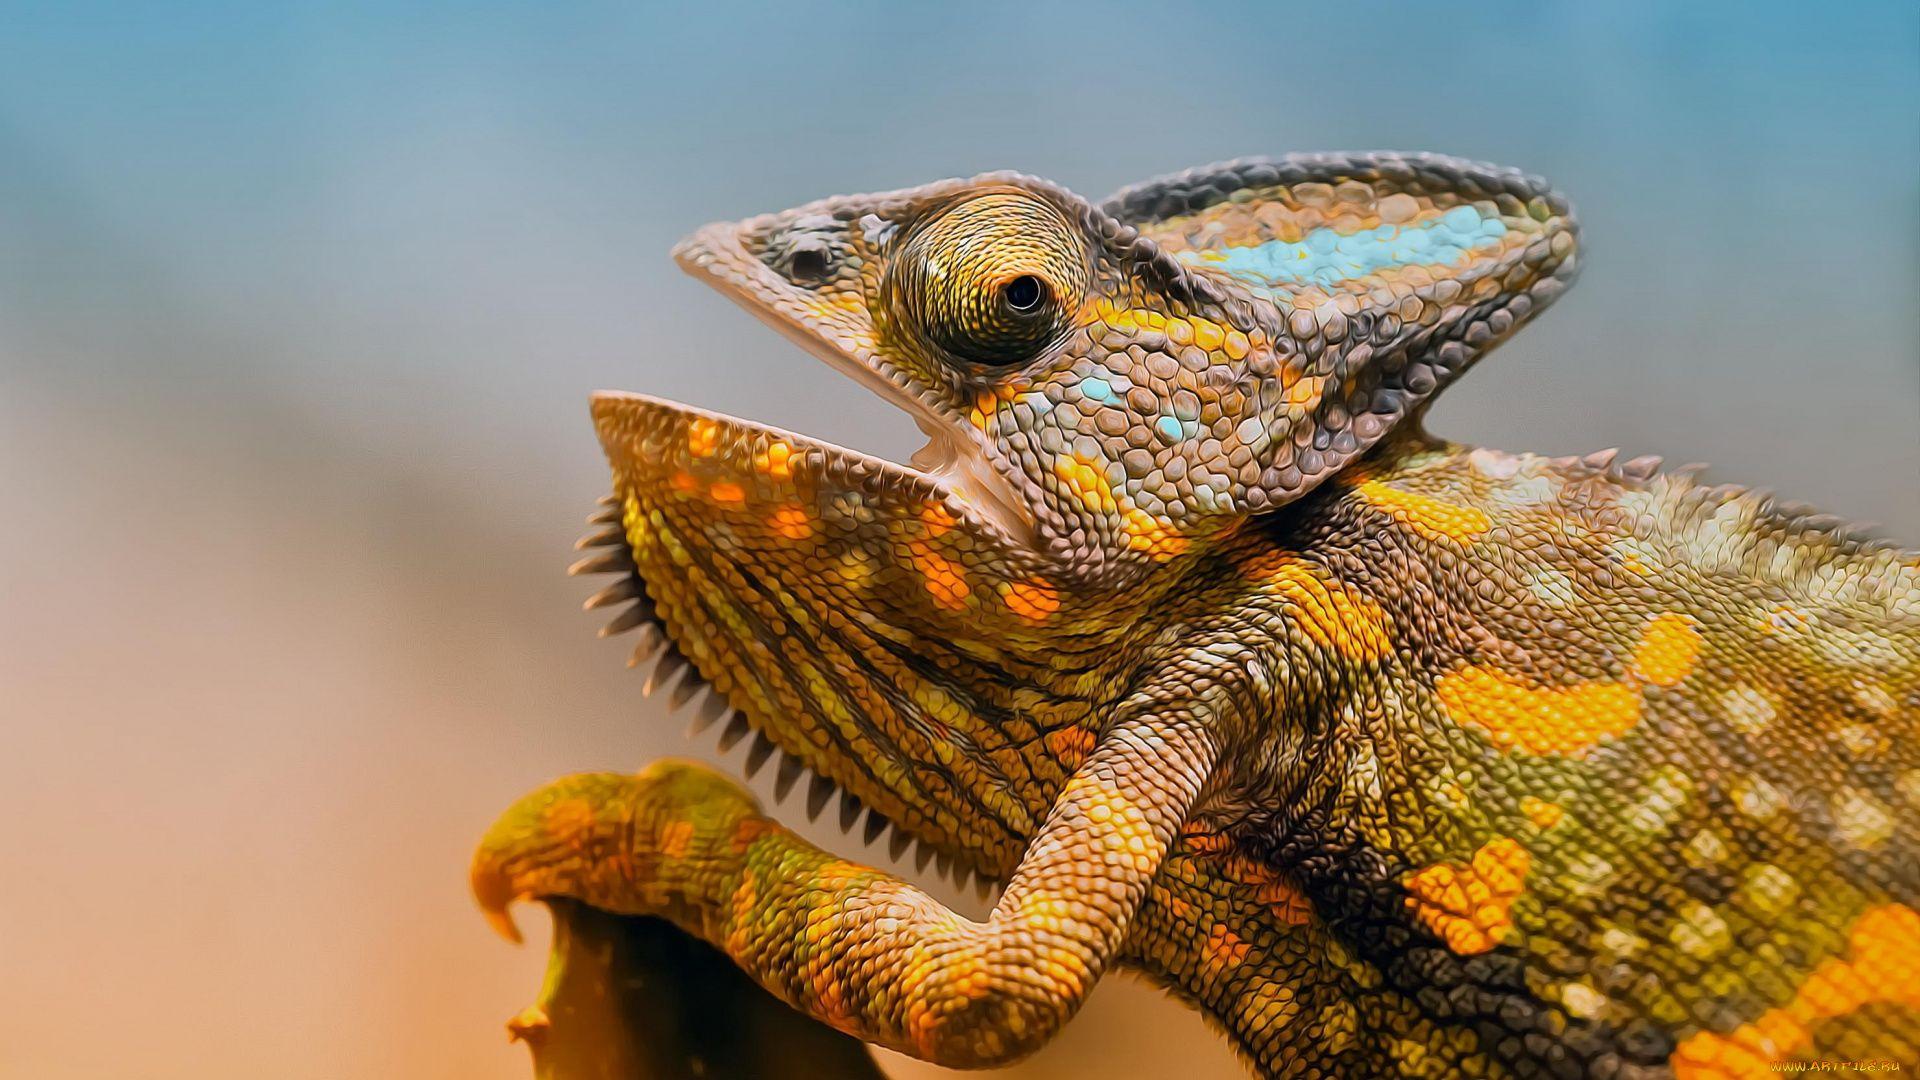 Chameleon Lizard Eyes